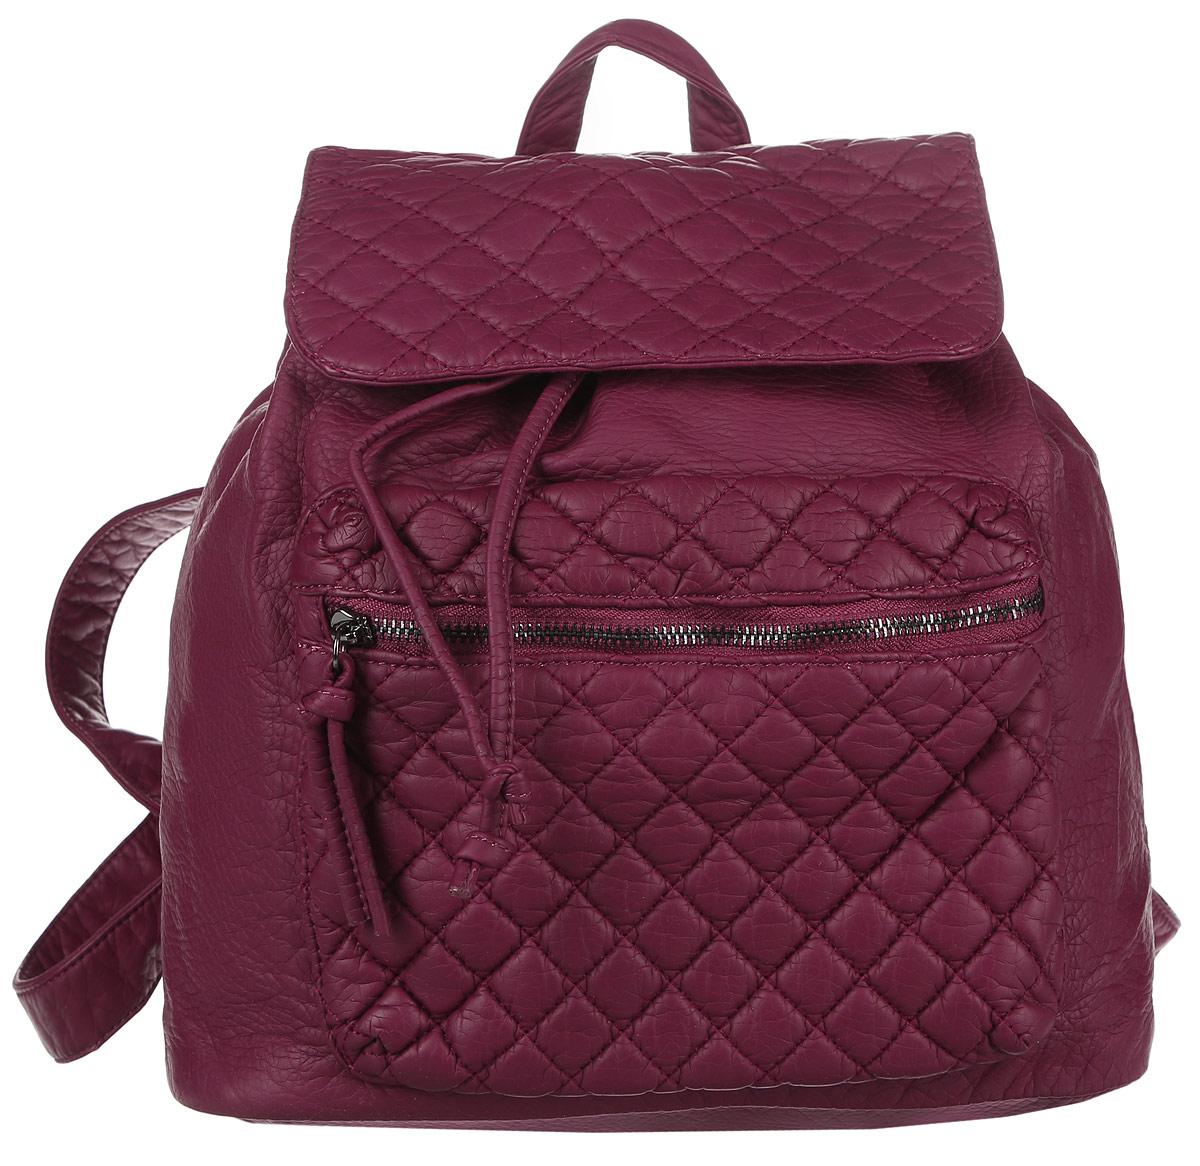 Рюкзак женский OrsOro, цвет: бордовый. D-255/11D-255/11Стильный рюкзак OrsOro, выполнен из экокожи и оснащен двумя плечевыми регулируемыми ремнями на спинке и удобной ручкой для переноски. Изделие затягивается с помощью шнурка и закрывается клапаном на кнопку, внутри имеет одно вместительное отделение с одним накладным карманом для телефона и мелочей и одним прорезным карманом на застежке-молнии. С тыльной стороны изделия имеется прорезной карман на застежке-молнии. Рюкзак оснащен также передним накладным карманом на молнии . Сумка-рюкзак OrsOro - это выбор молодой, уверенной, стильной женщины, которая ценит качество и комфорт. Изделие станет изысканным дополнением к вашему образу.